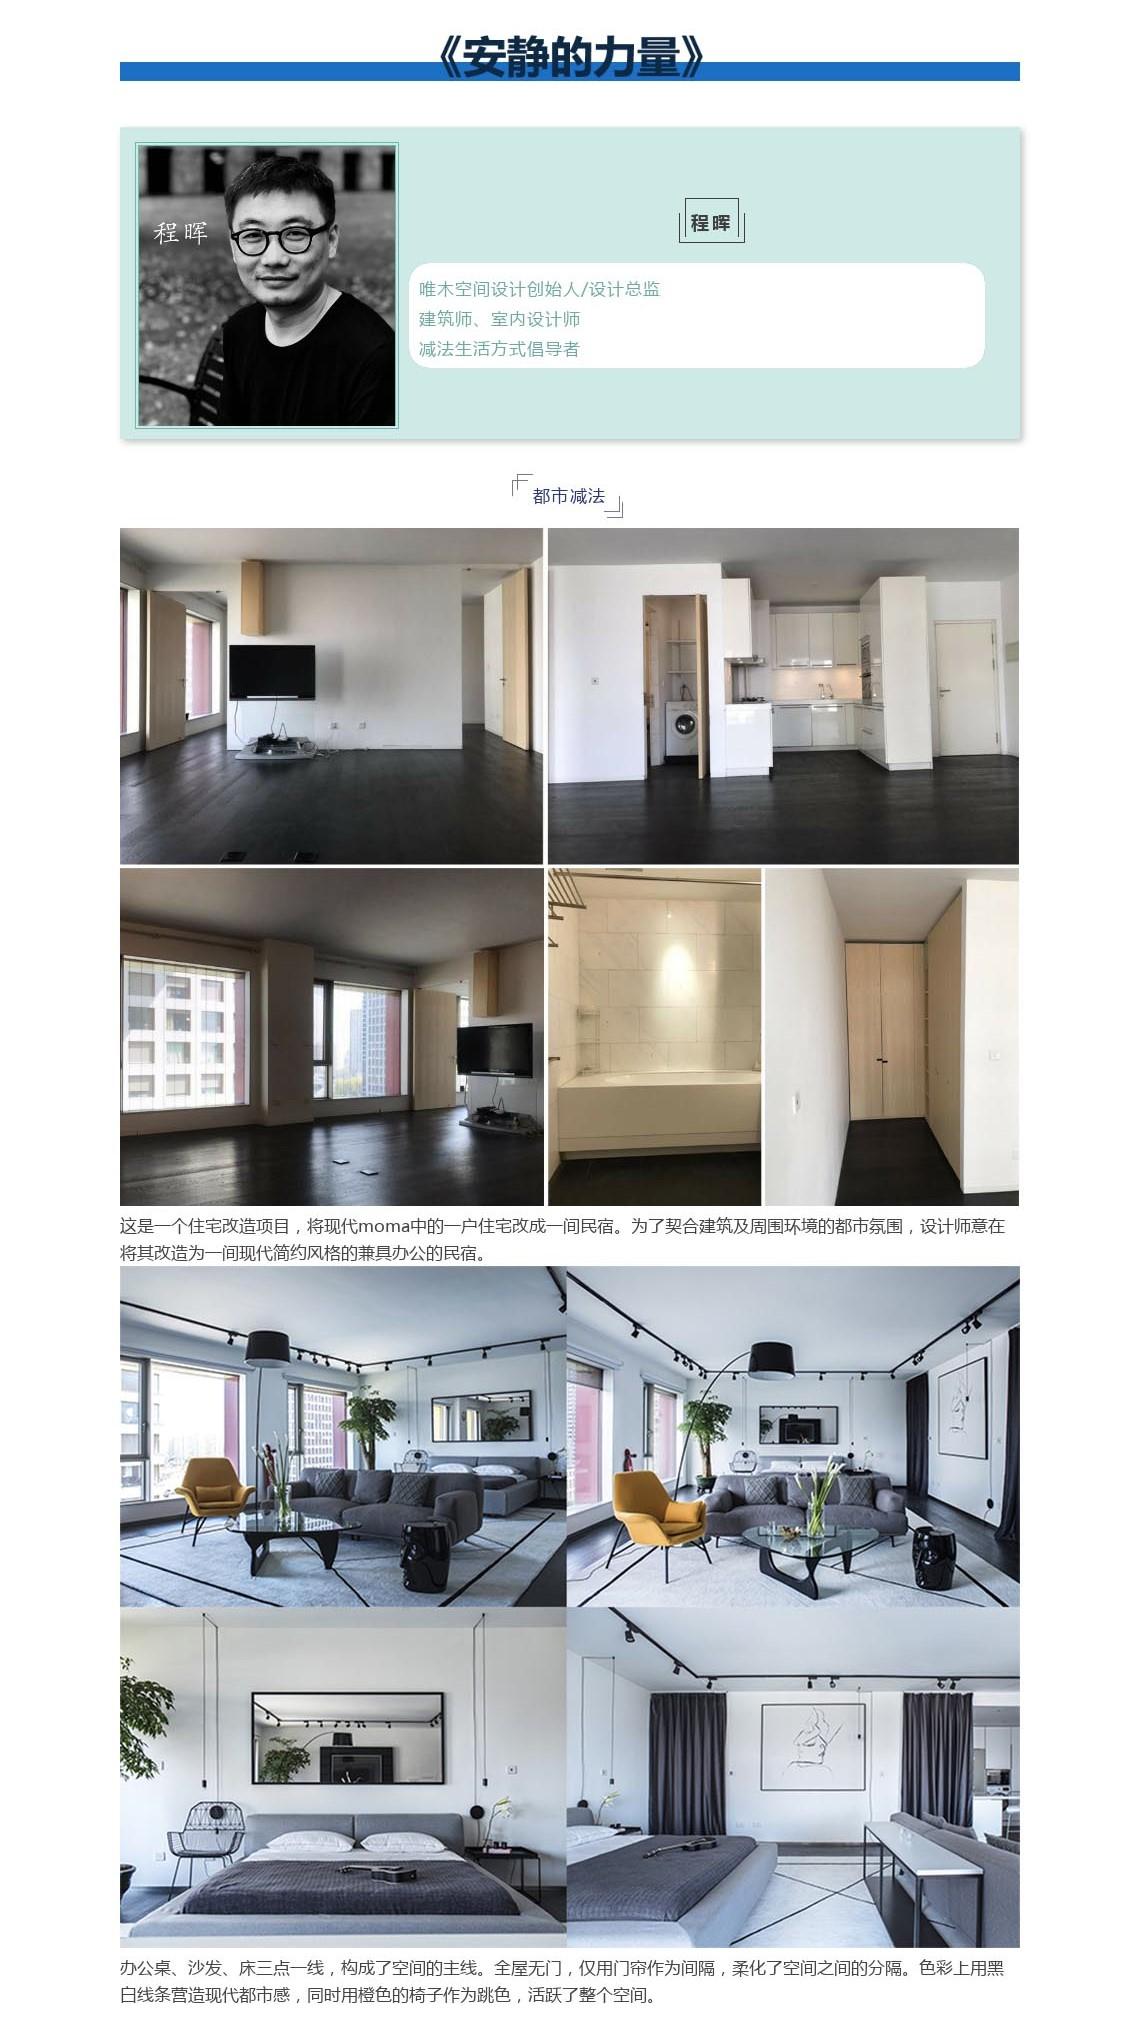 程晖,唯木空间设计,创始人,设计总监,减法生活,民宿,改造,现代都市感